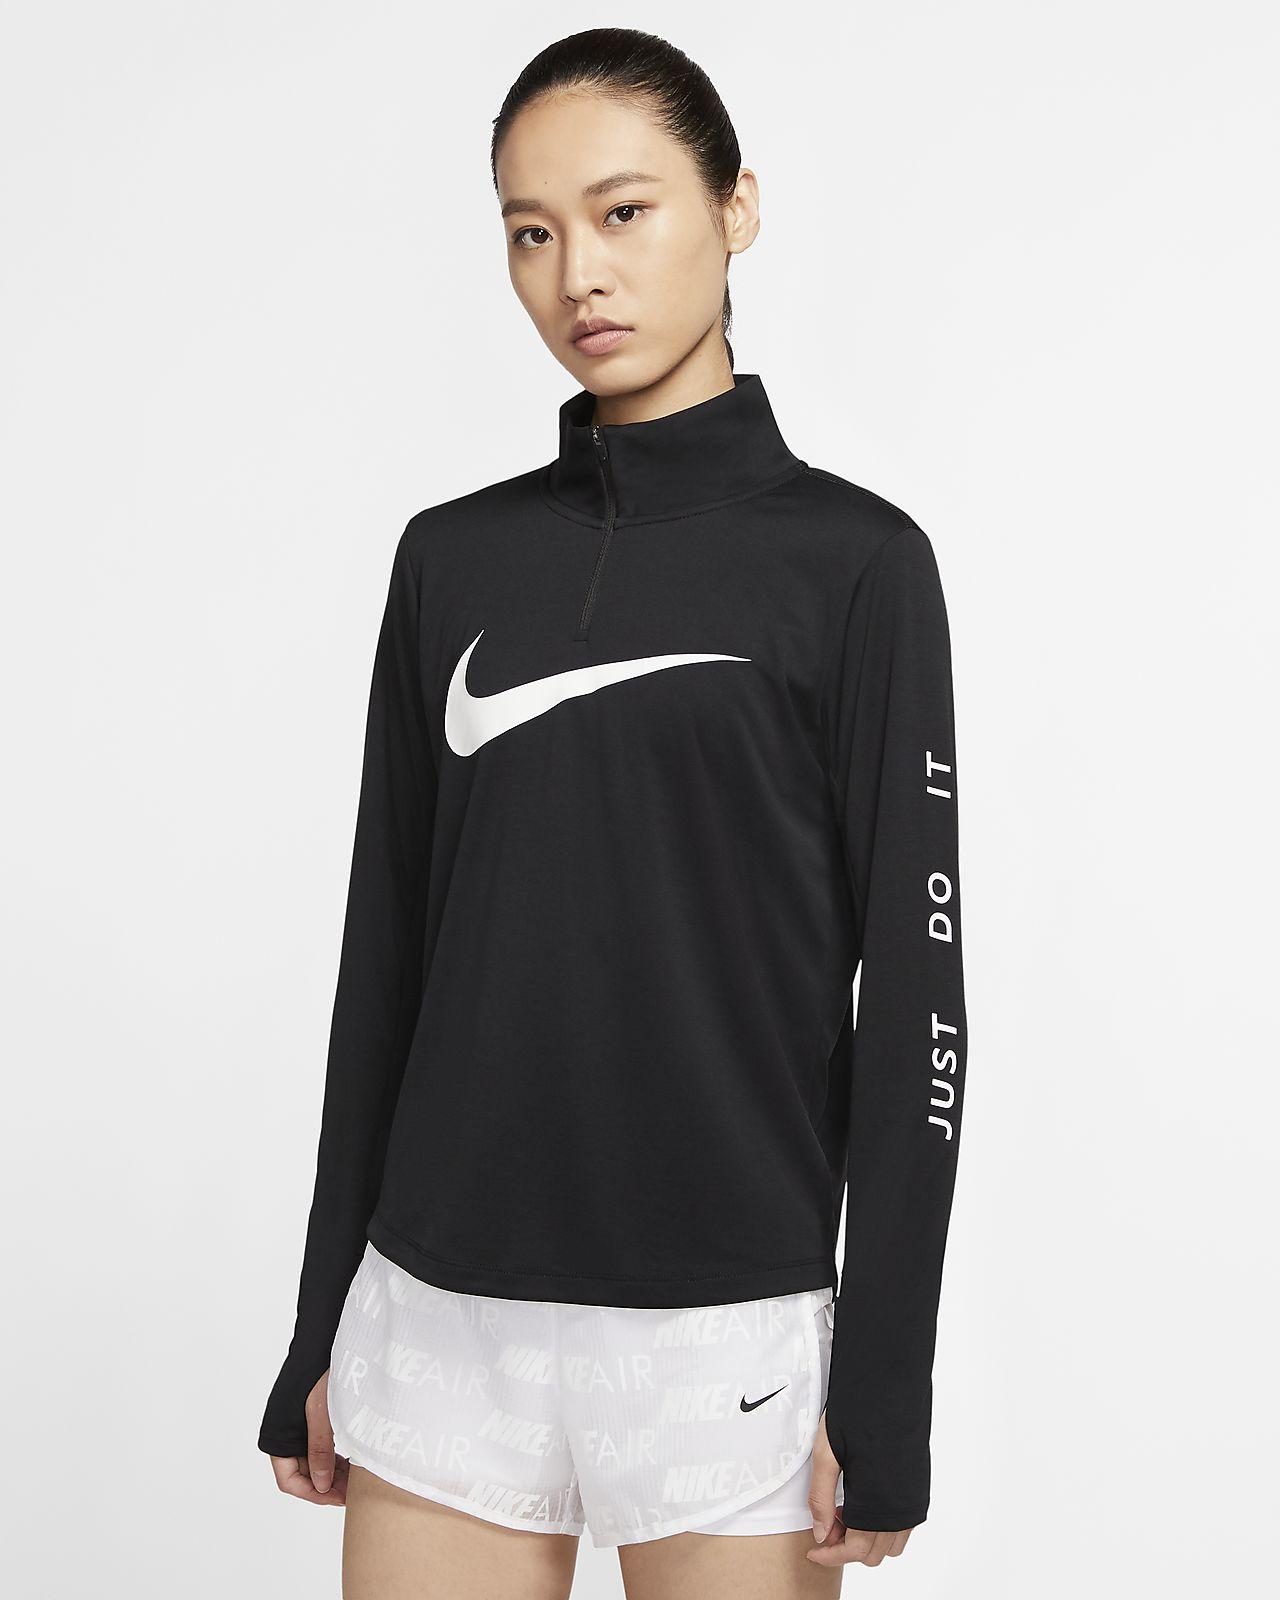 Nike 女子 1/4 拉链开襟跑步上衣